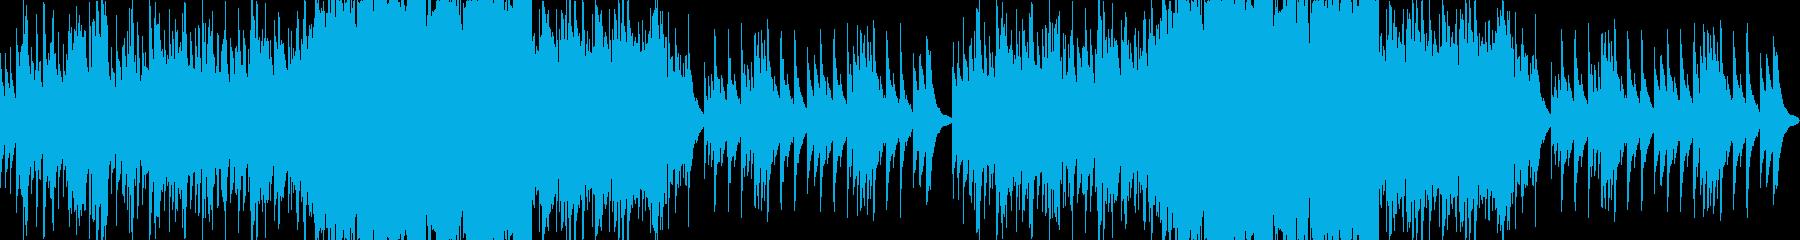 和風琴のみ正月和風日本の再生済みの波形